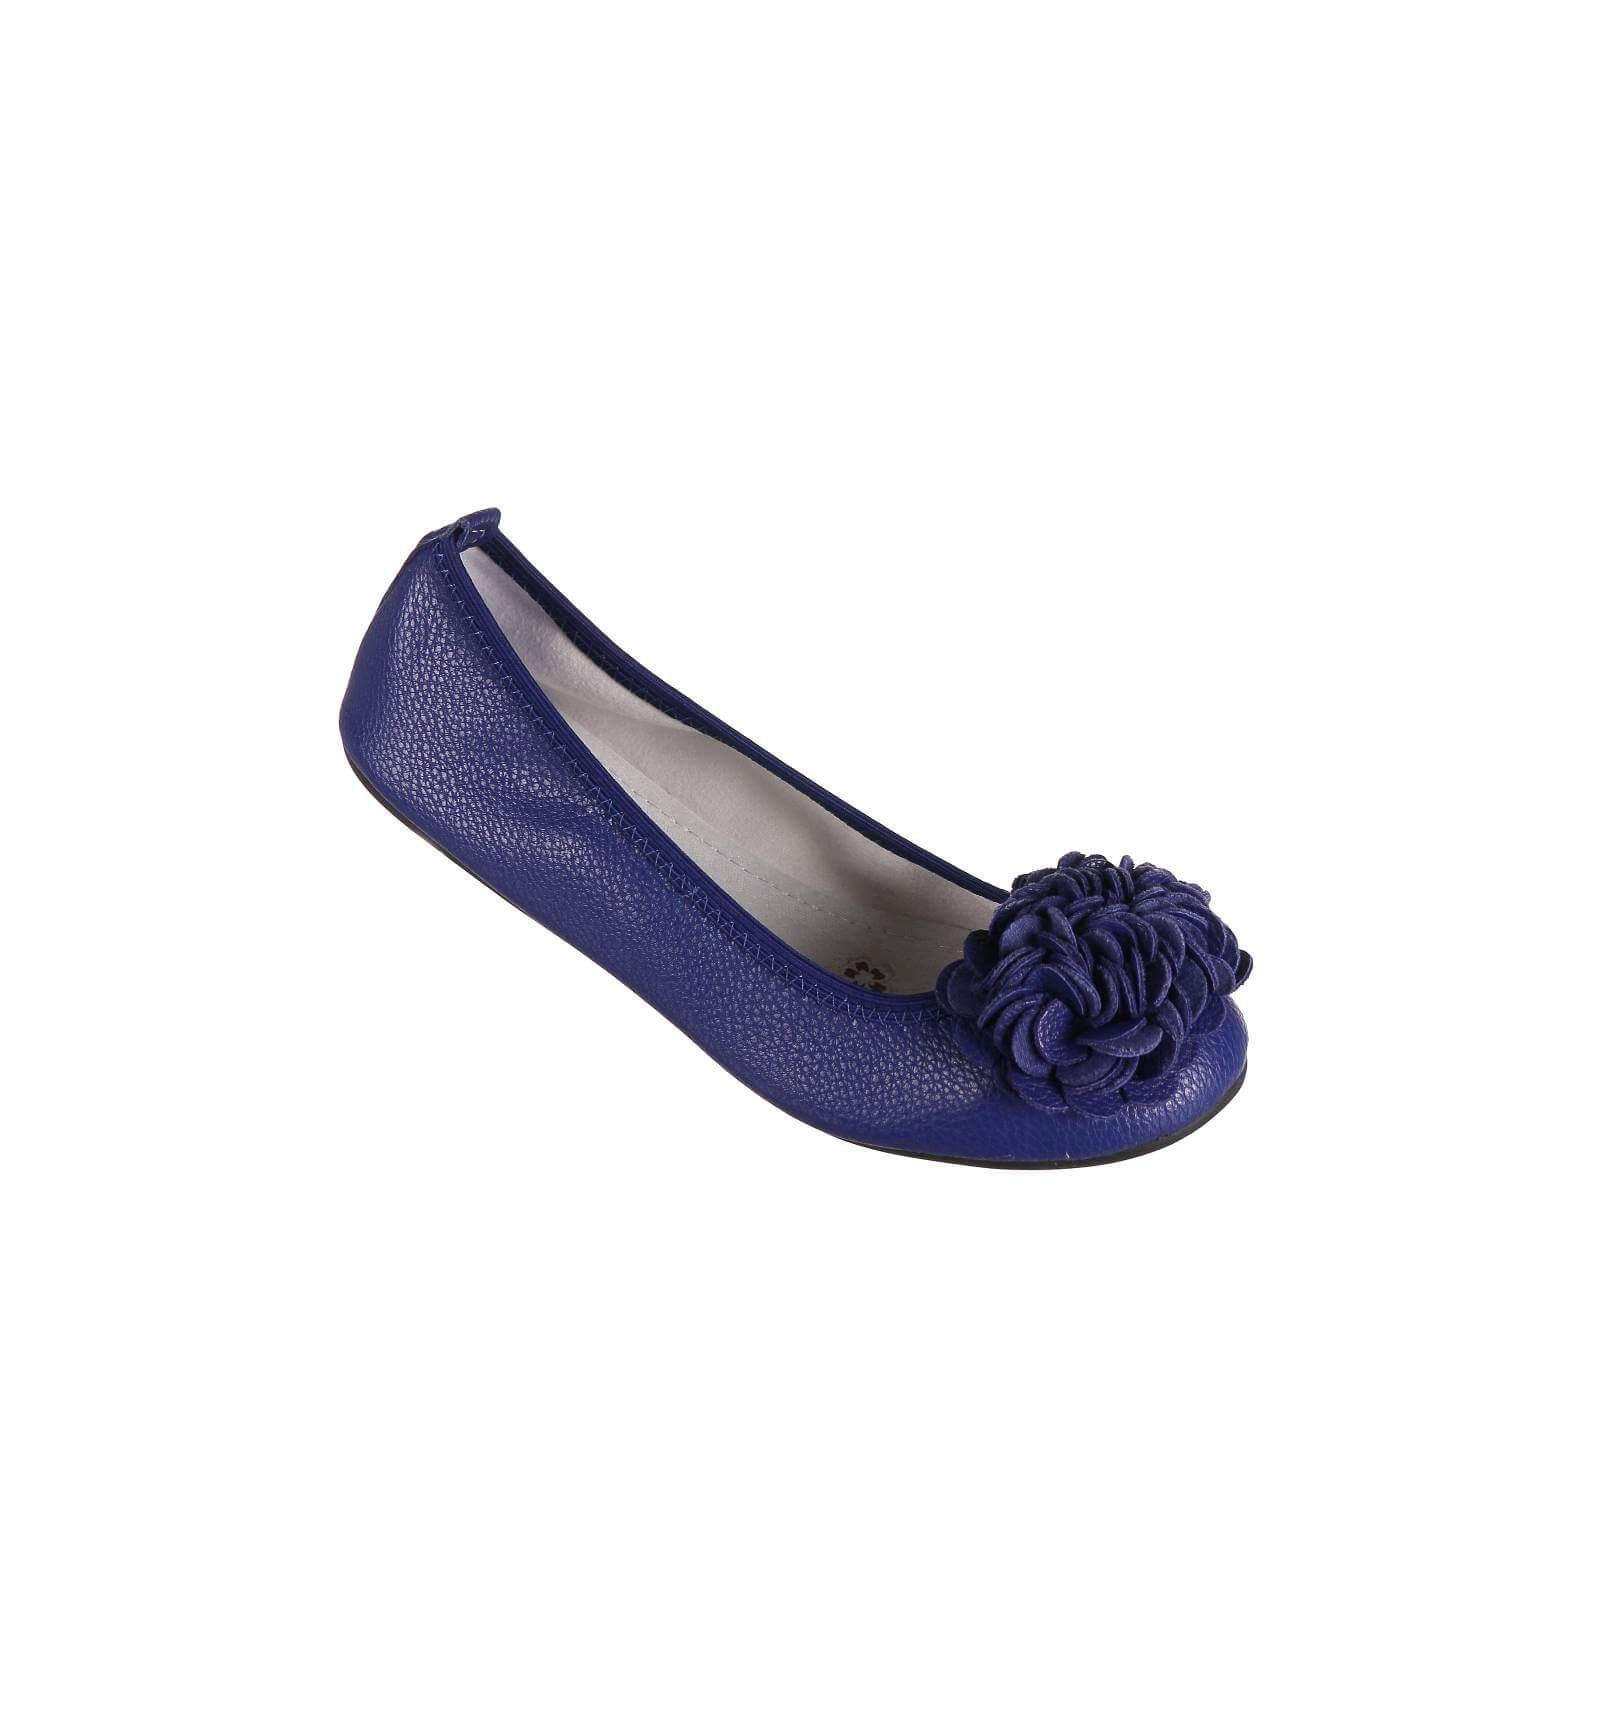 Ballerines femme souples bleu électrique à fleur MONCEAU